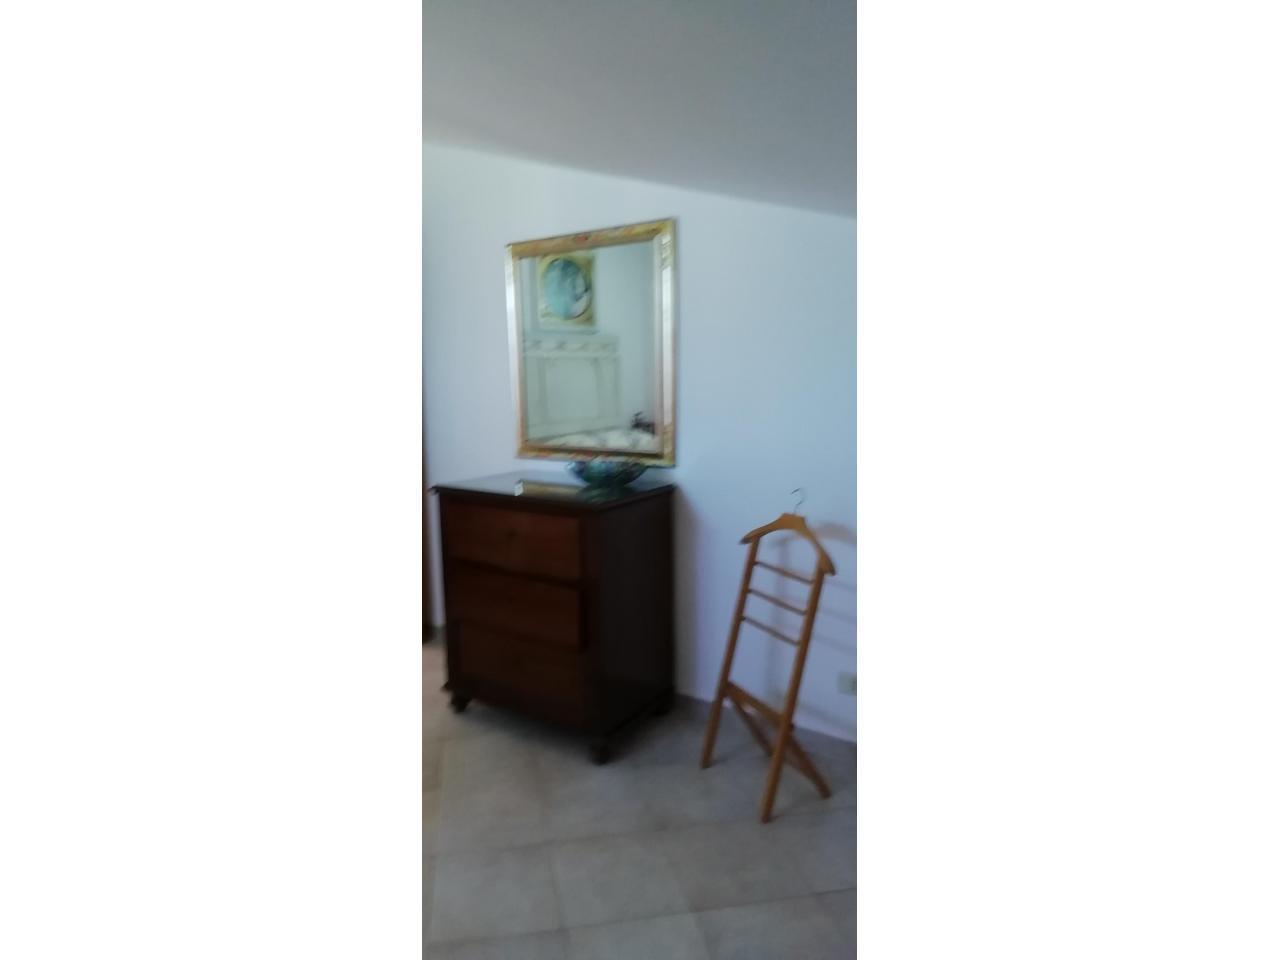 Аренда мансарды для отдыха в Анцио, Италия - 7